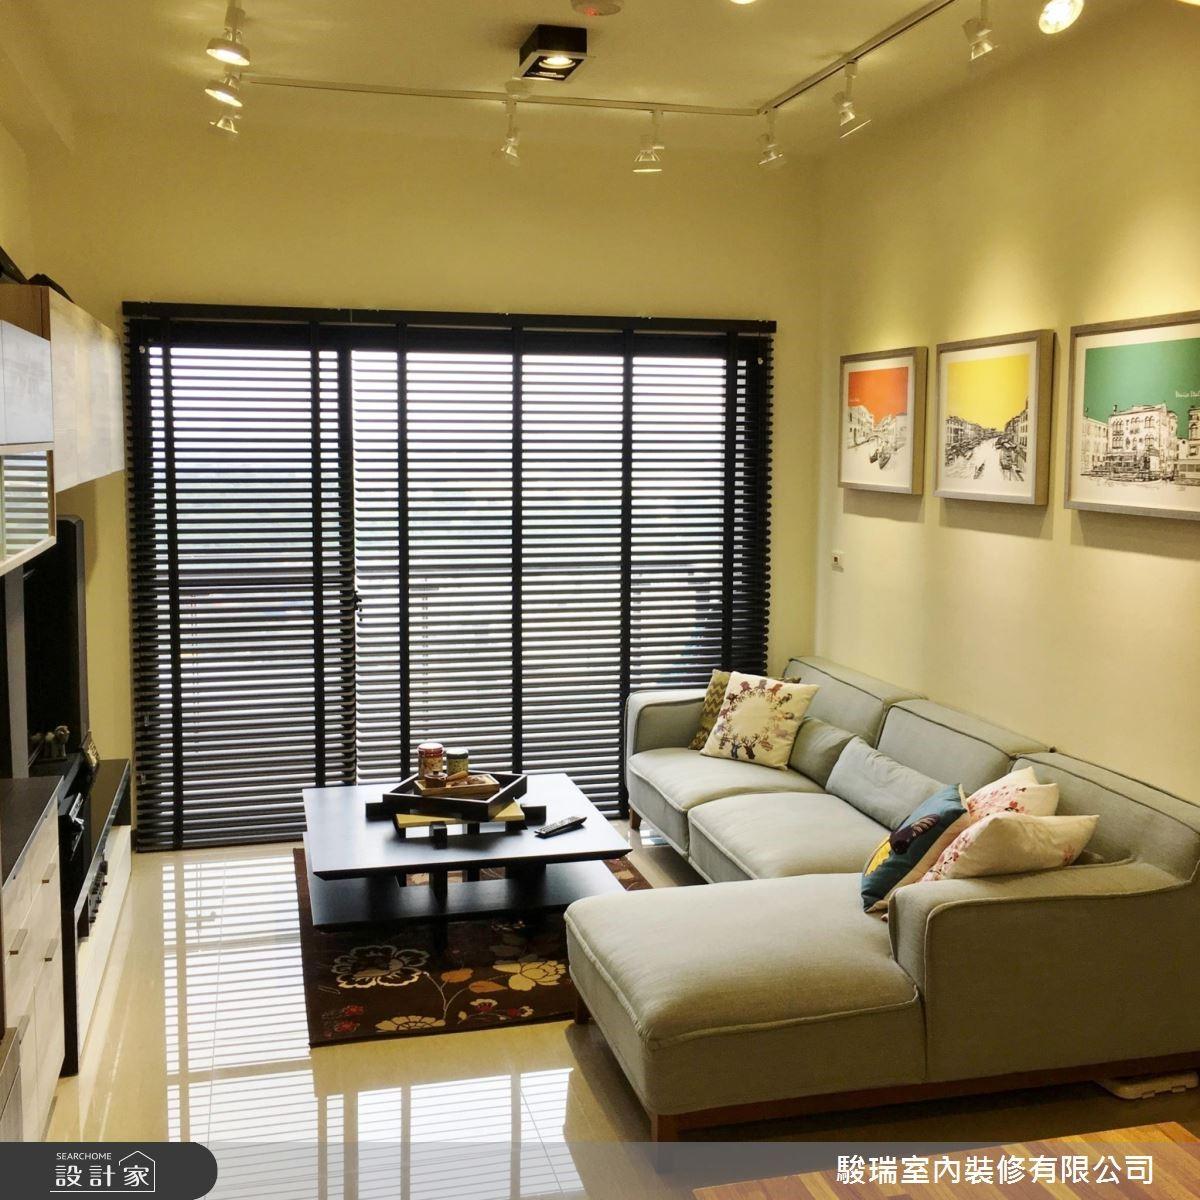 28坪新成屋(5年以下)_現代風客廳案例圖片_駿瑞室內裝修有限公司_駿瑞_05之4